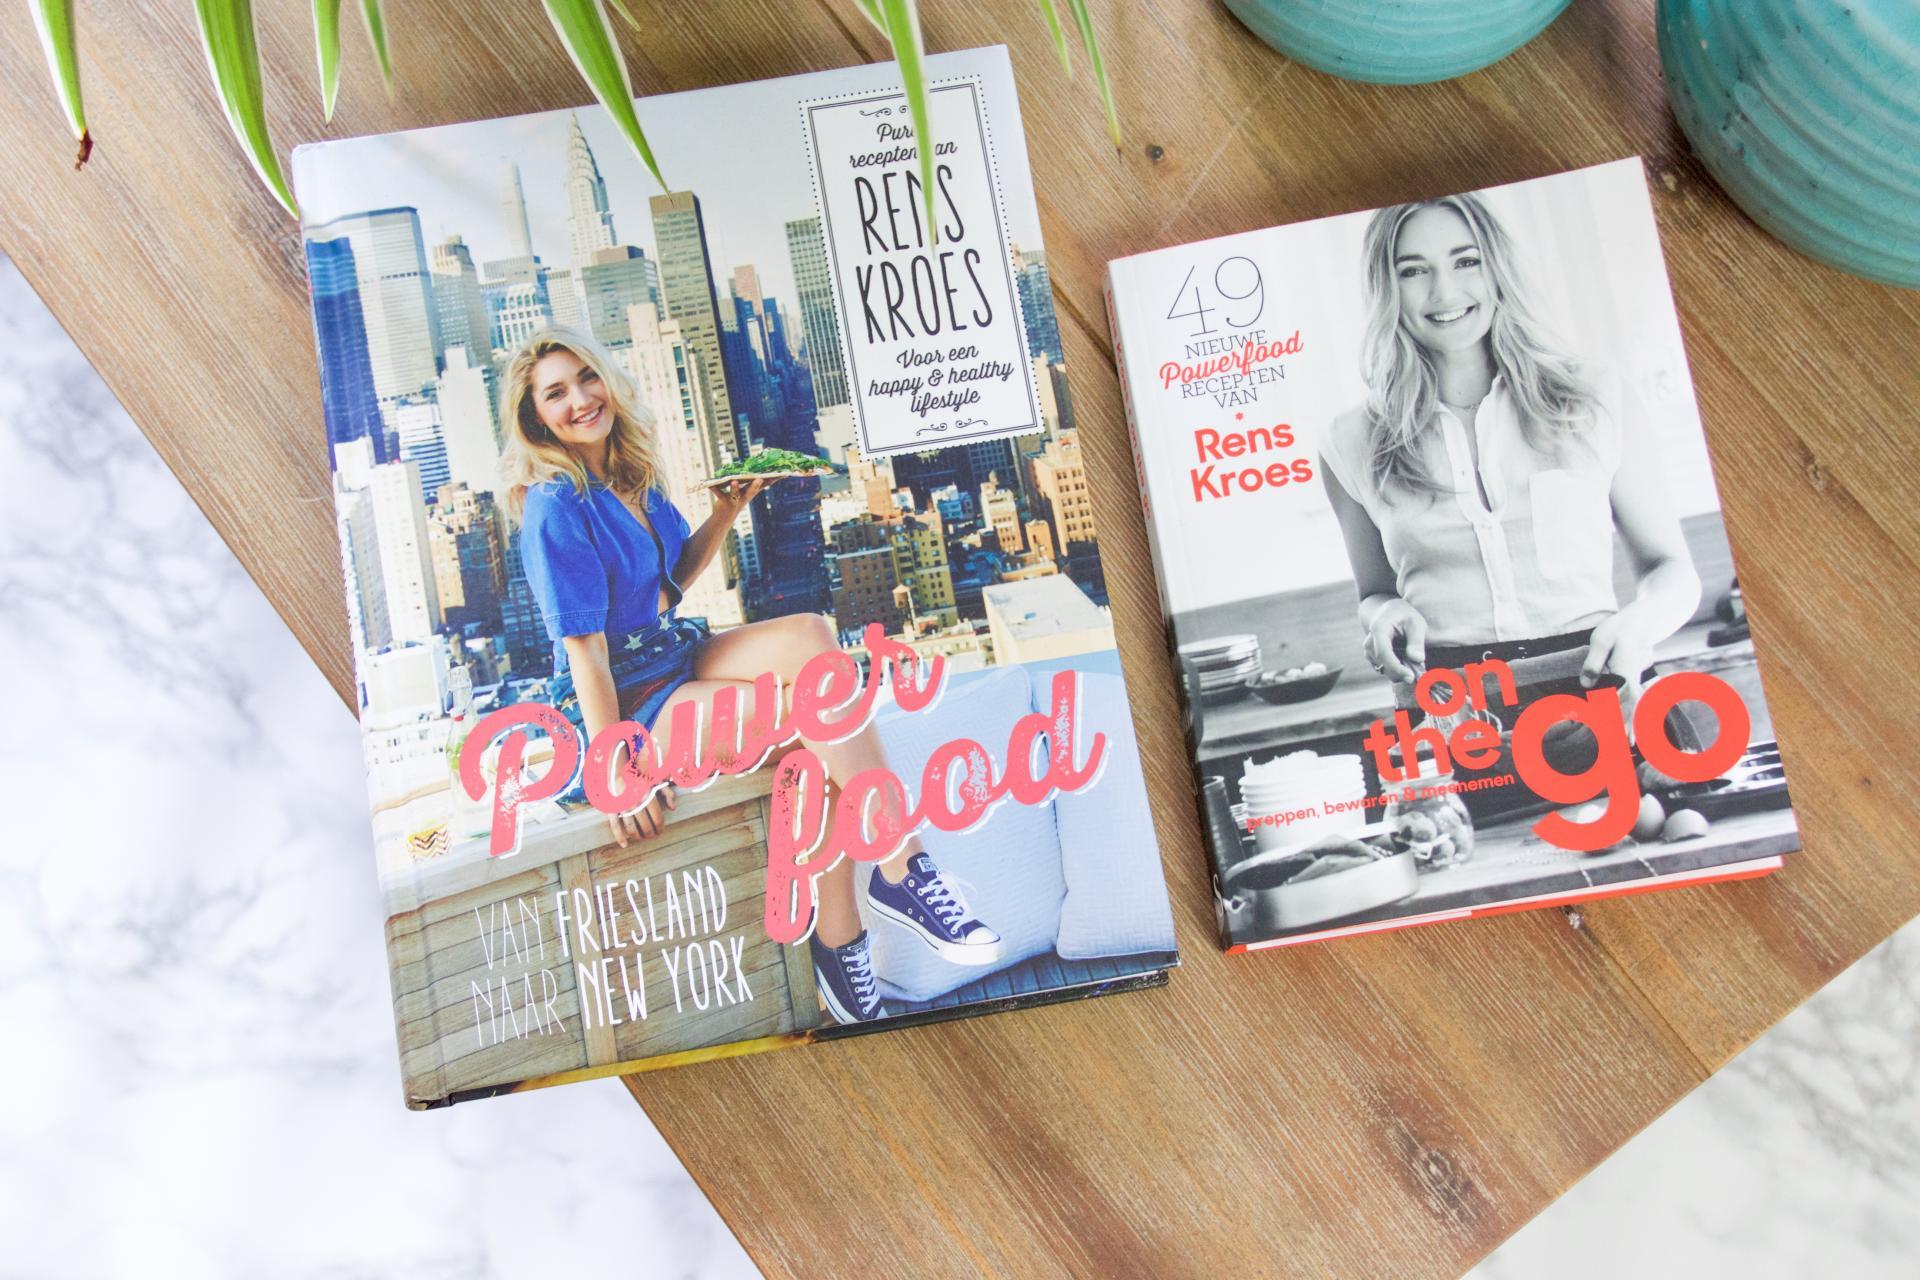 Kookboeken van Rens Kroes